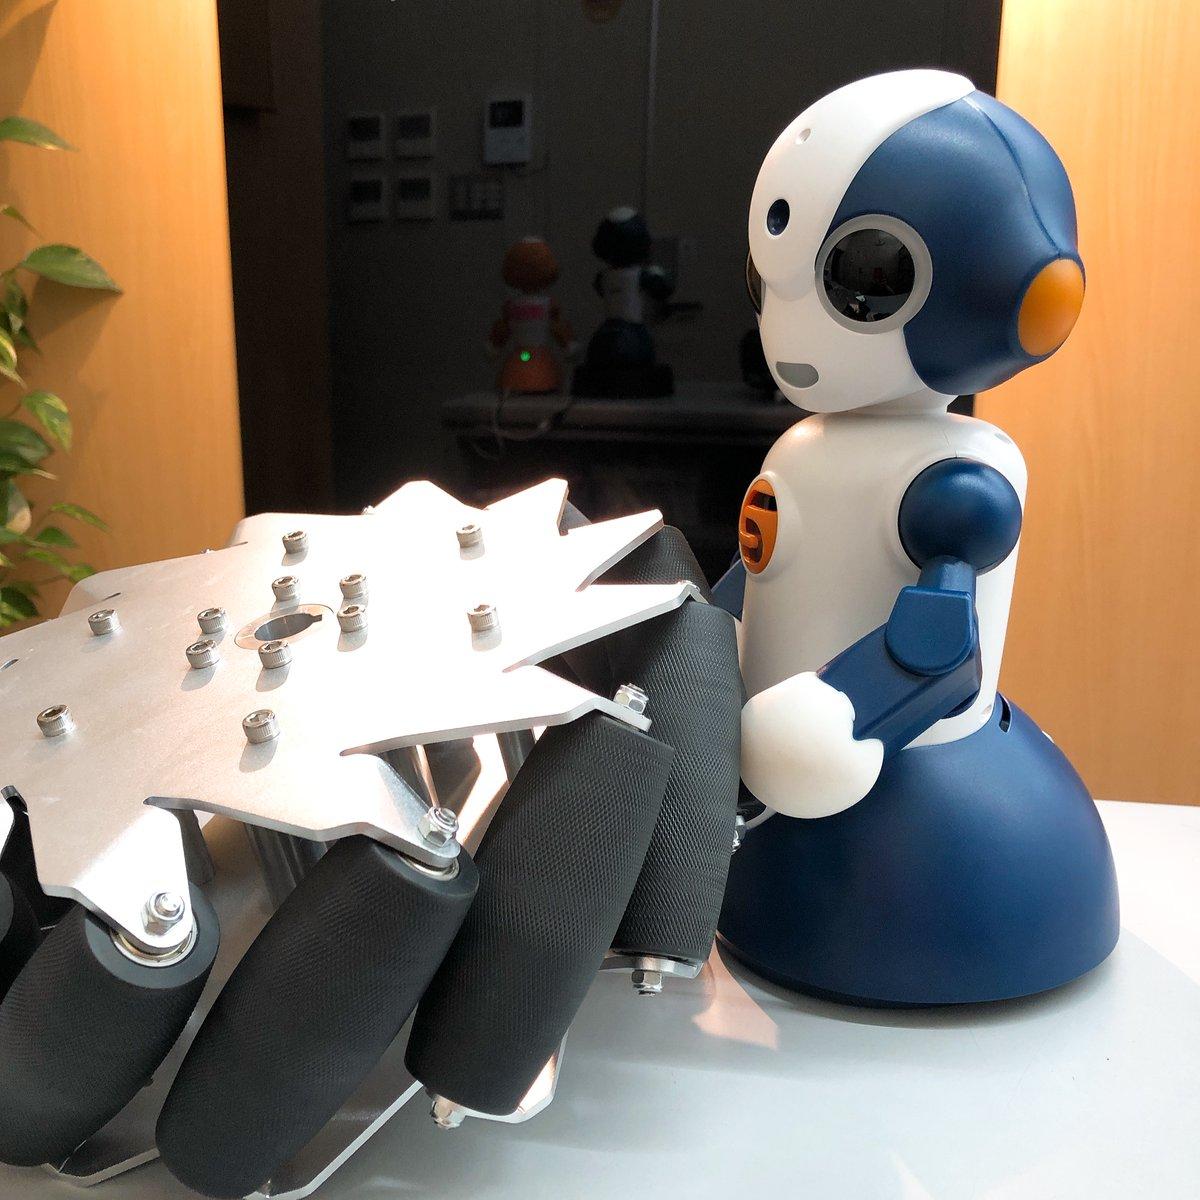 お、重い。。。 ⠀ 人気のホイール入荷しました。 こんなに大きなホイールもあるよ😀 ⠀ #254㎜ #メカナムホイール #プログラミング #ロボット #STEM教育 #ロボコン #ROBOTSHOP #ロボットショップ #専門店 #販売